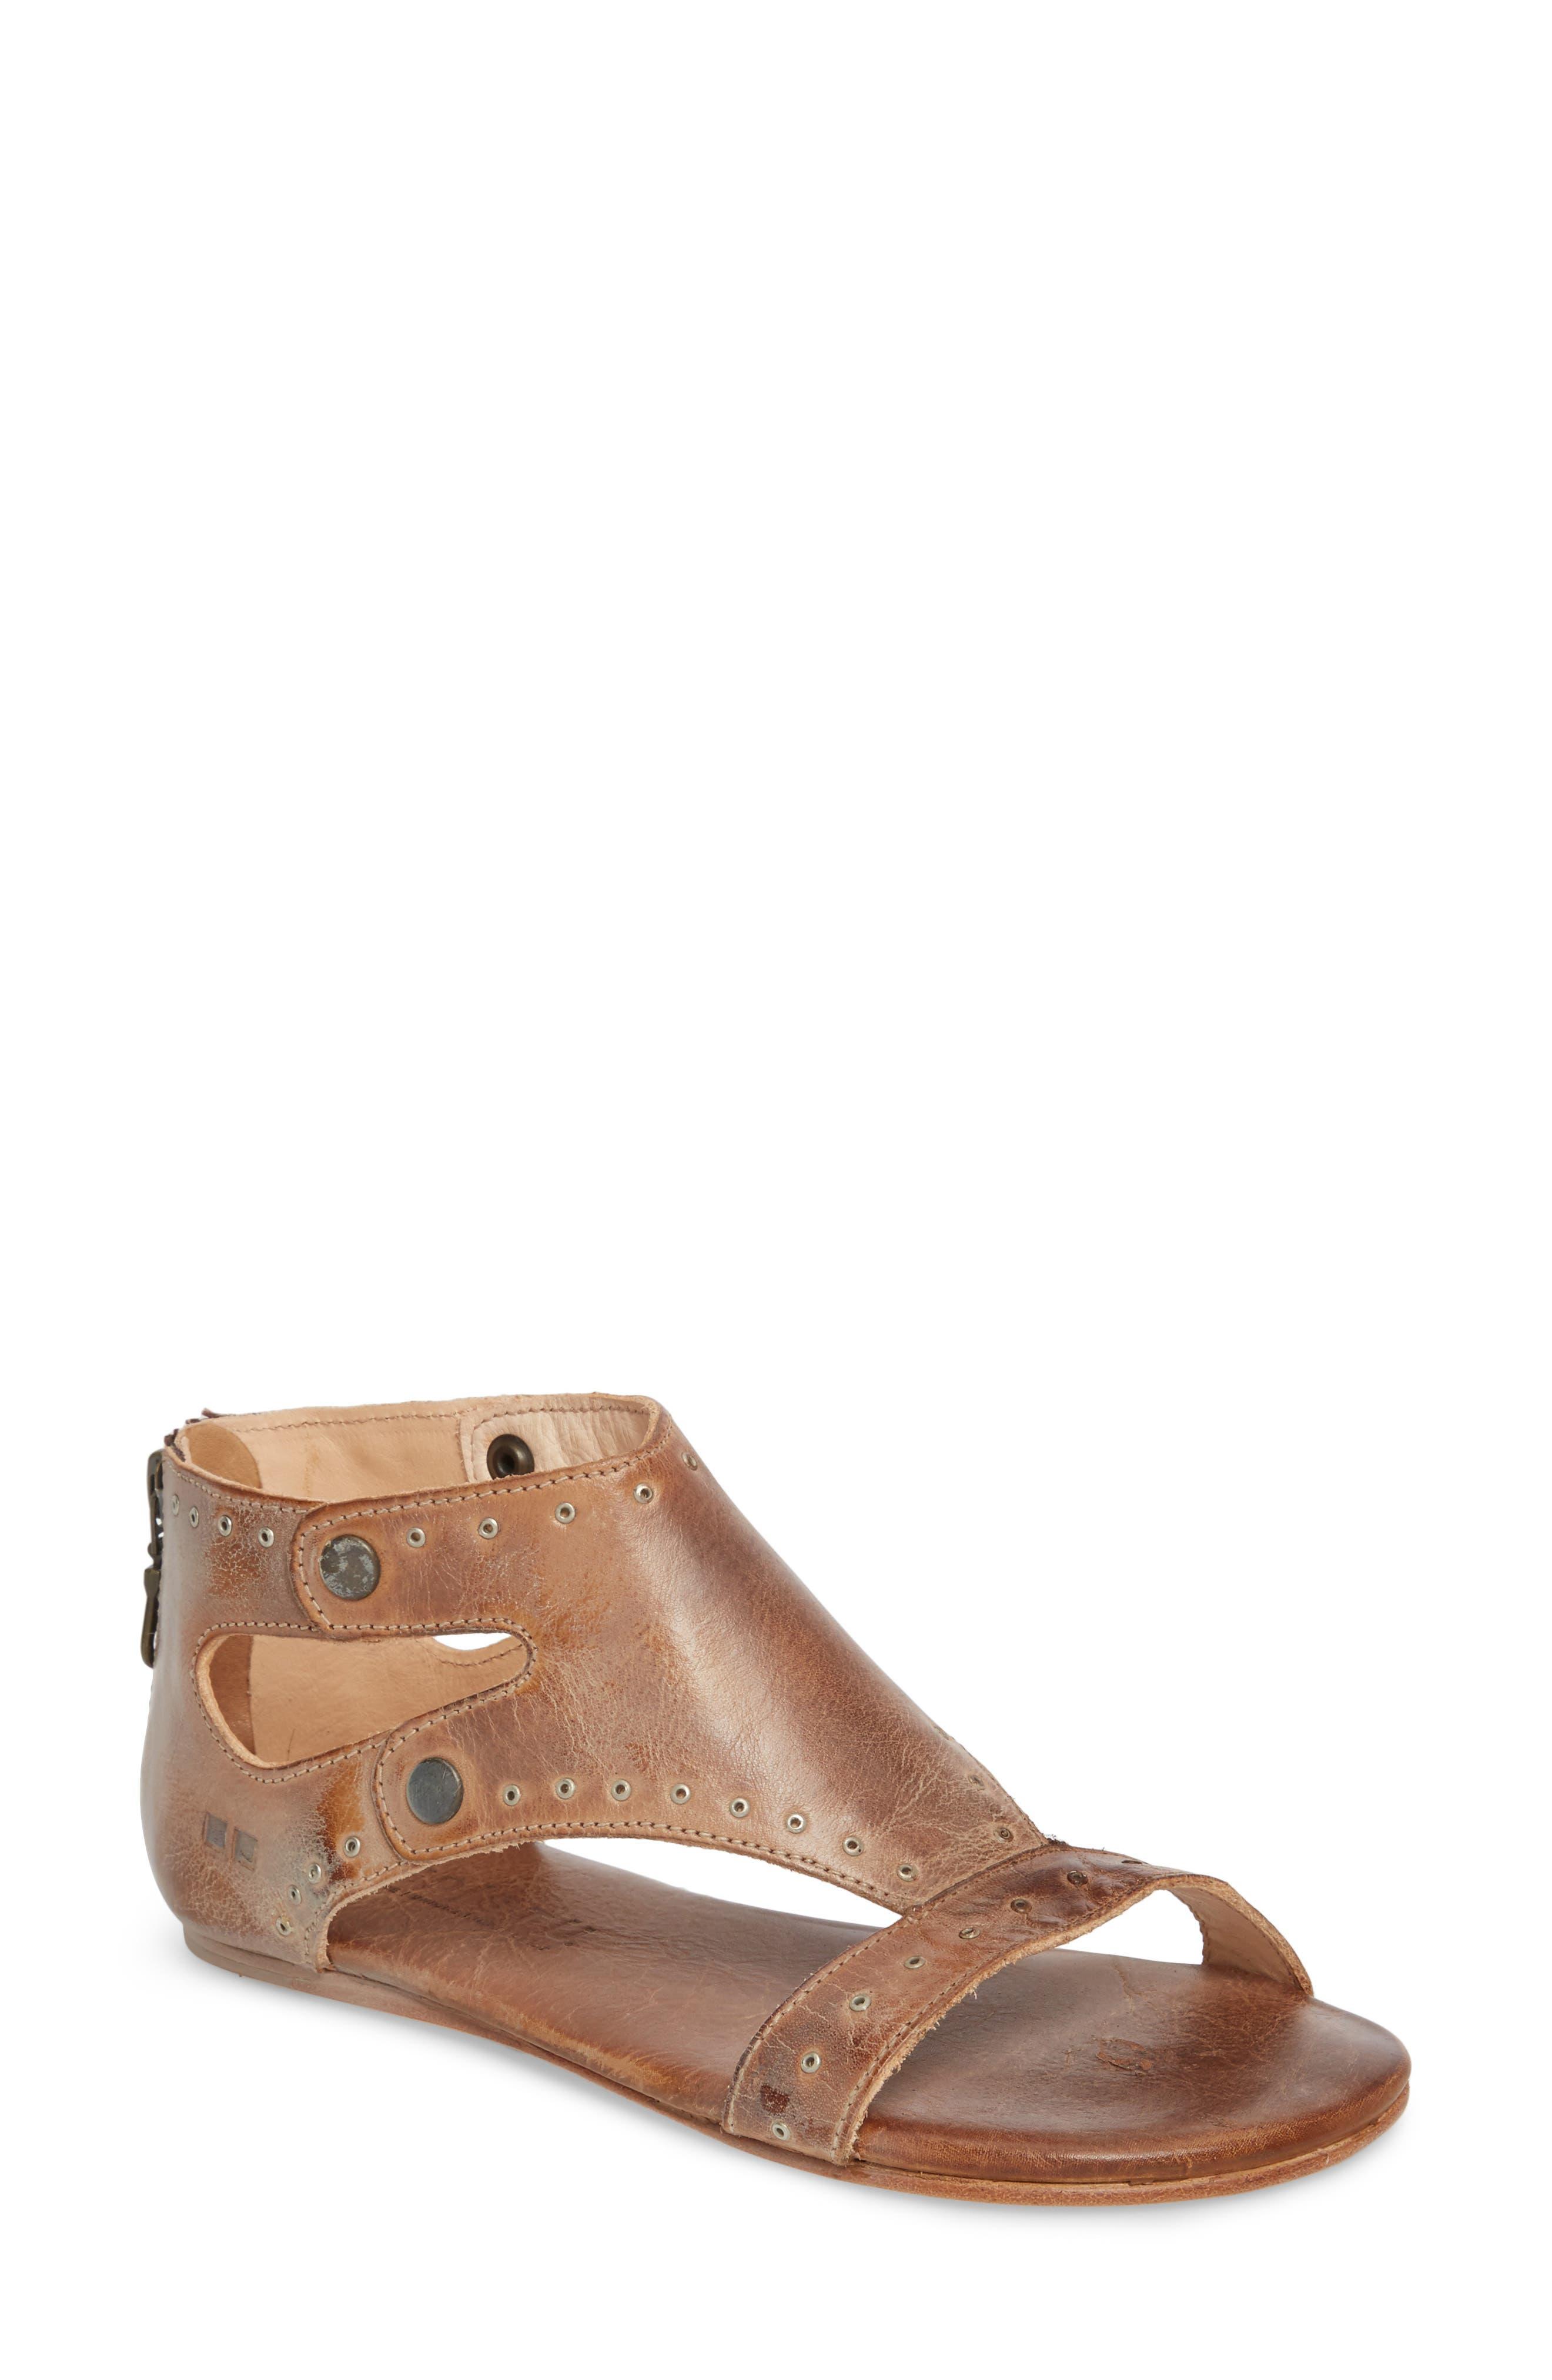 Soto G V-Strap Sandal,                             Main thumbnail 1, color,                             Tan Mason Leather